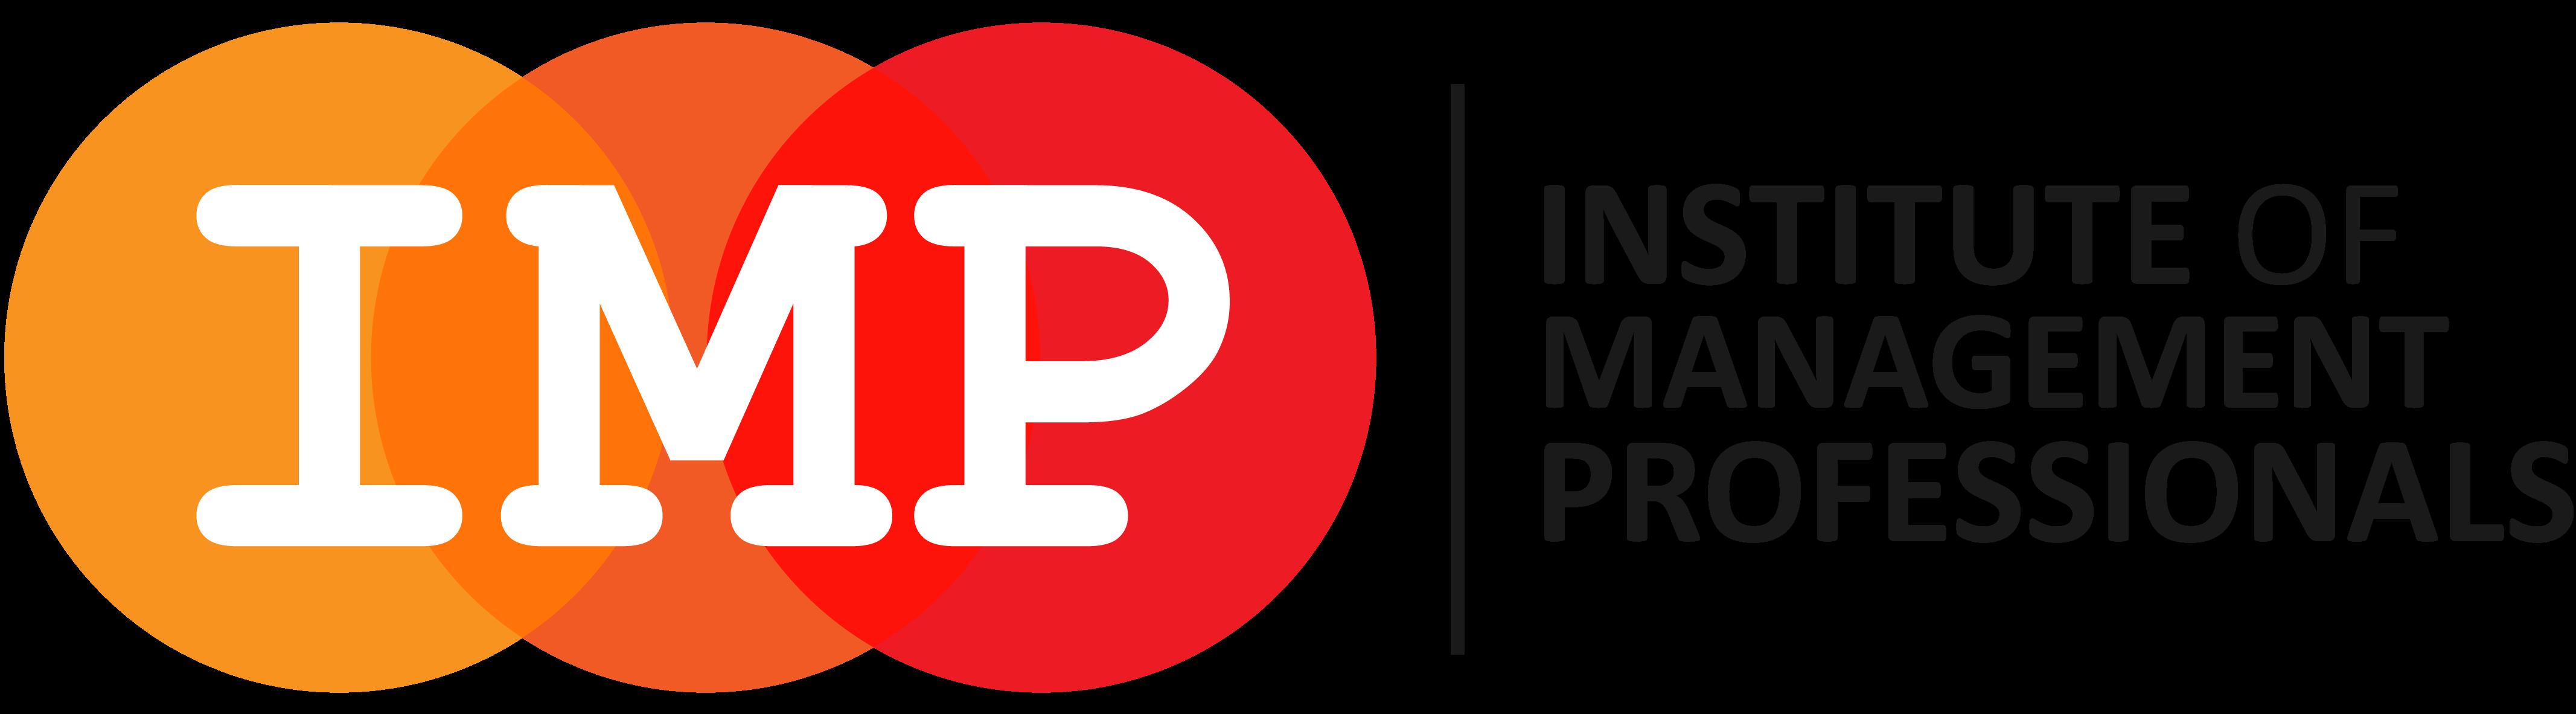 IMP | Institute of Management Professionals  logo